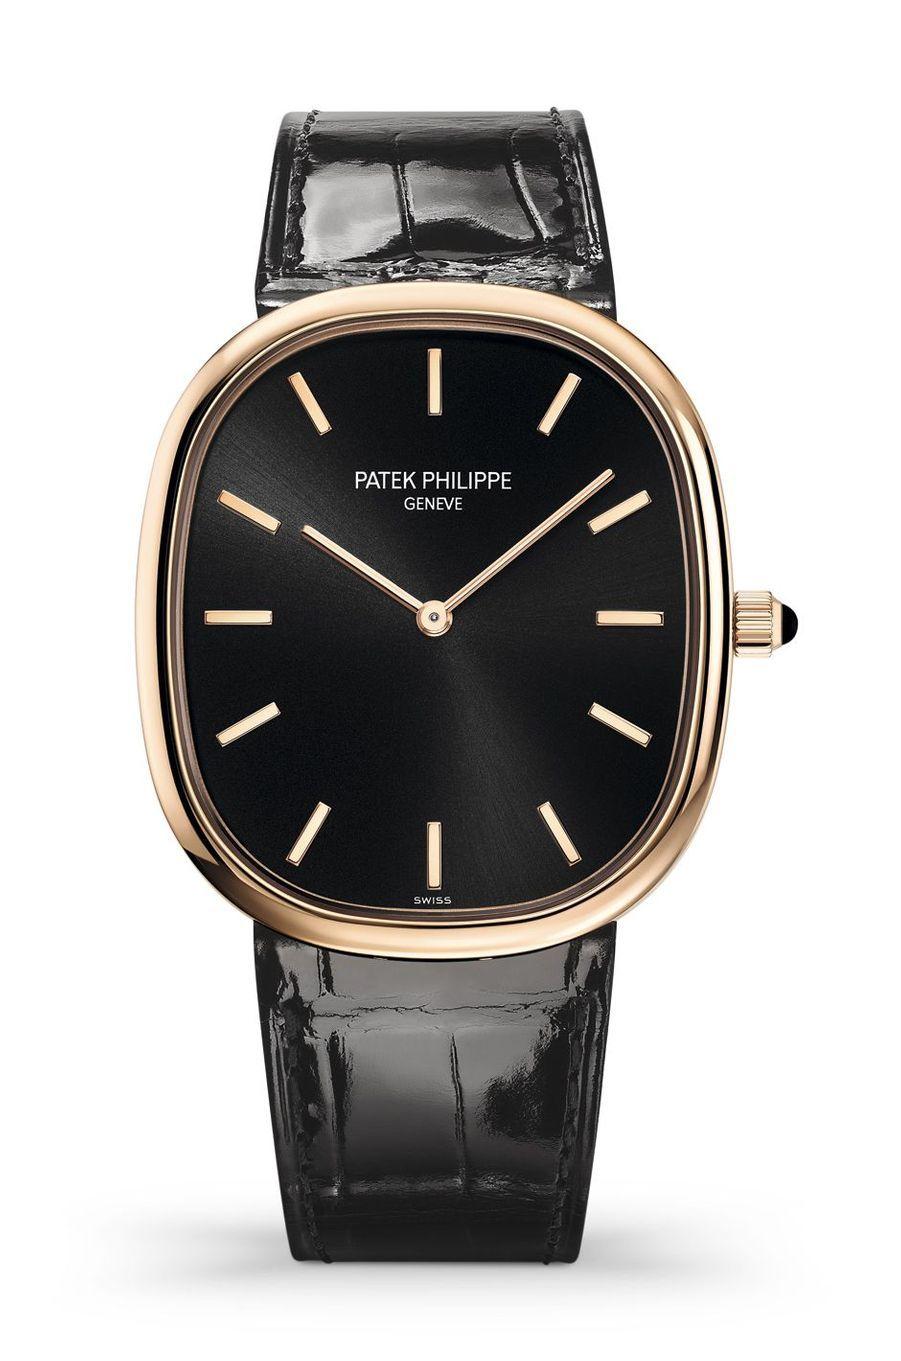 Ellipse d'Or en or rose, cadran noir ébène « soleil », mouvement automatique, bracelet en alligator. Patek Philippe. 28 980 €.